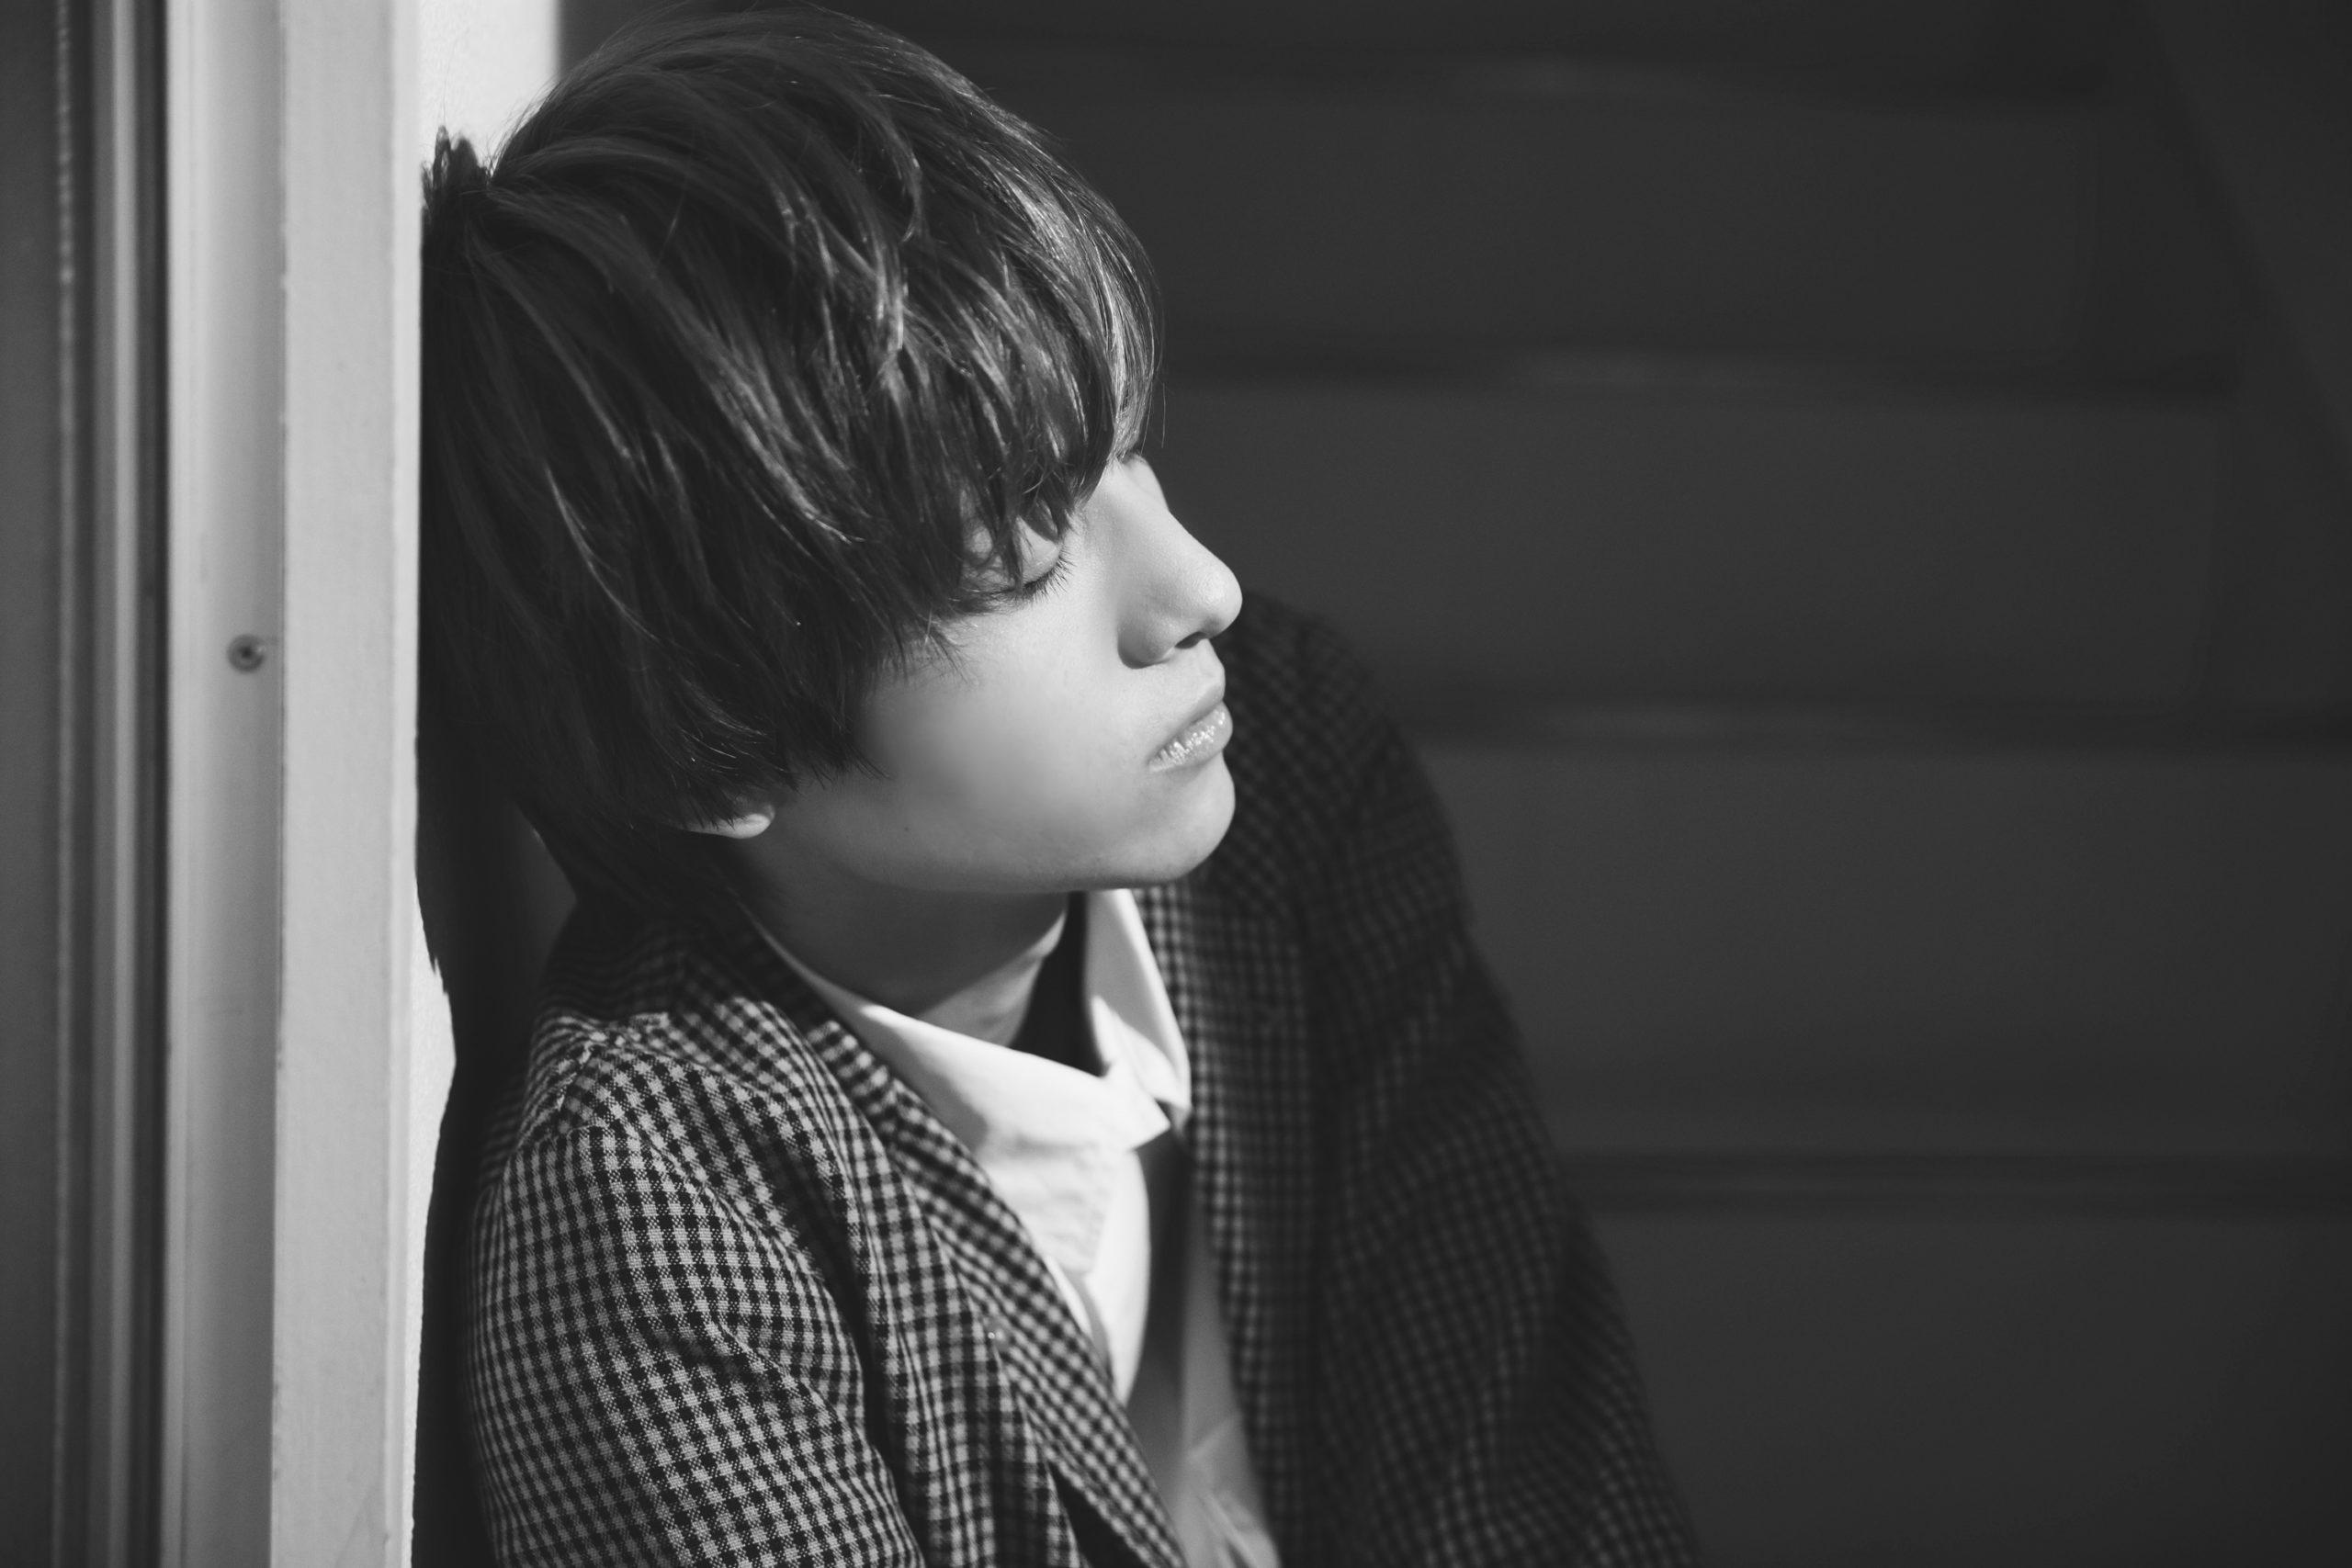 【古川毅】 180㎝という圧巻のスタイルを持ち、 存在自体がエモーショナルな彼の素顔に迫る―